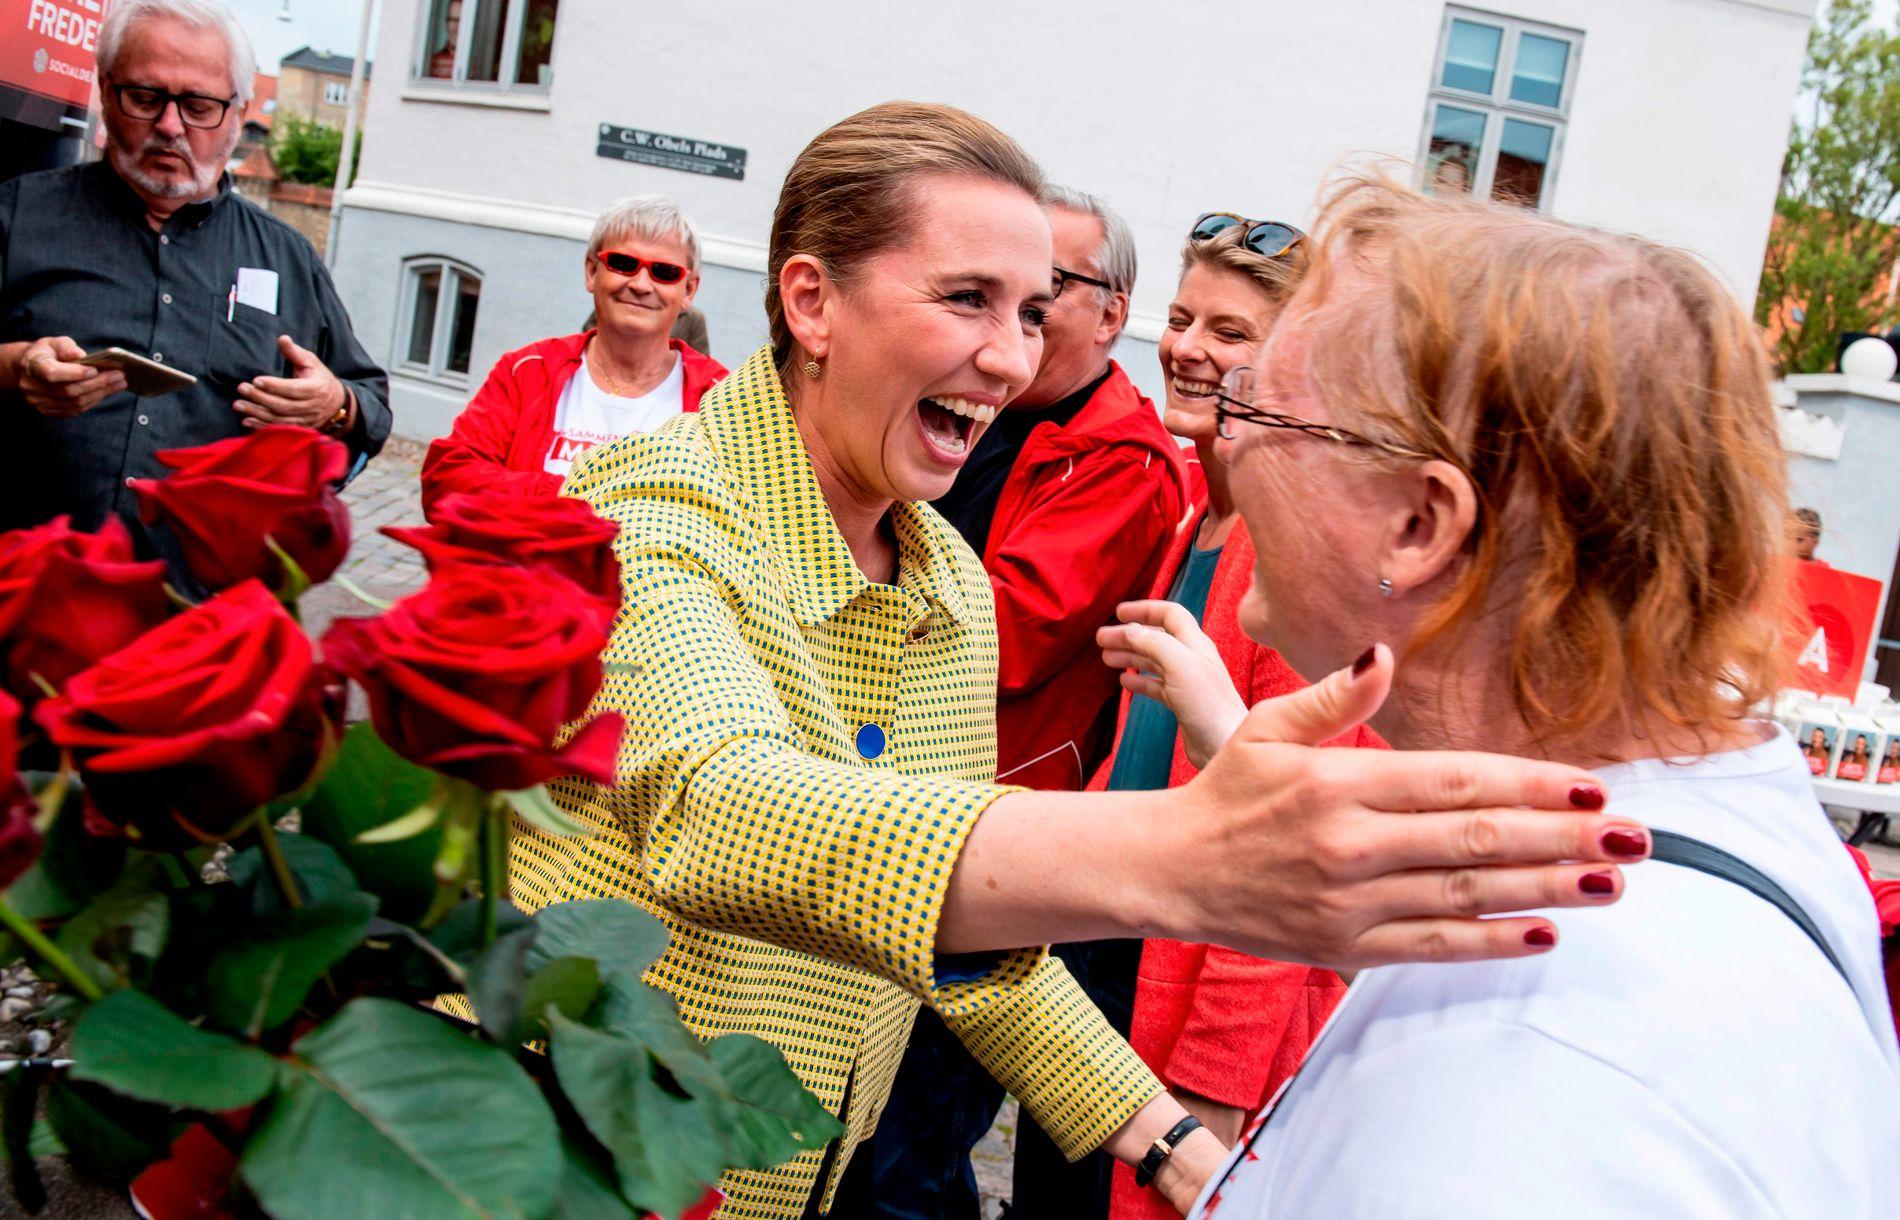 FAVORITT? På målingene fram mot valget er det Mette Fredriksen og Socialdemokratene som har vært favoritter.